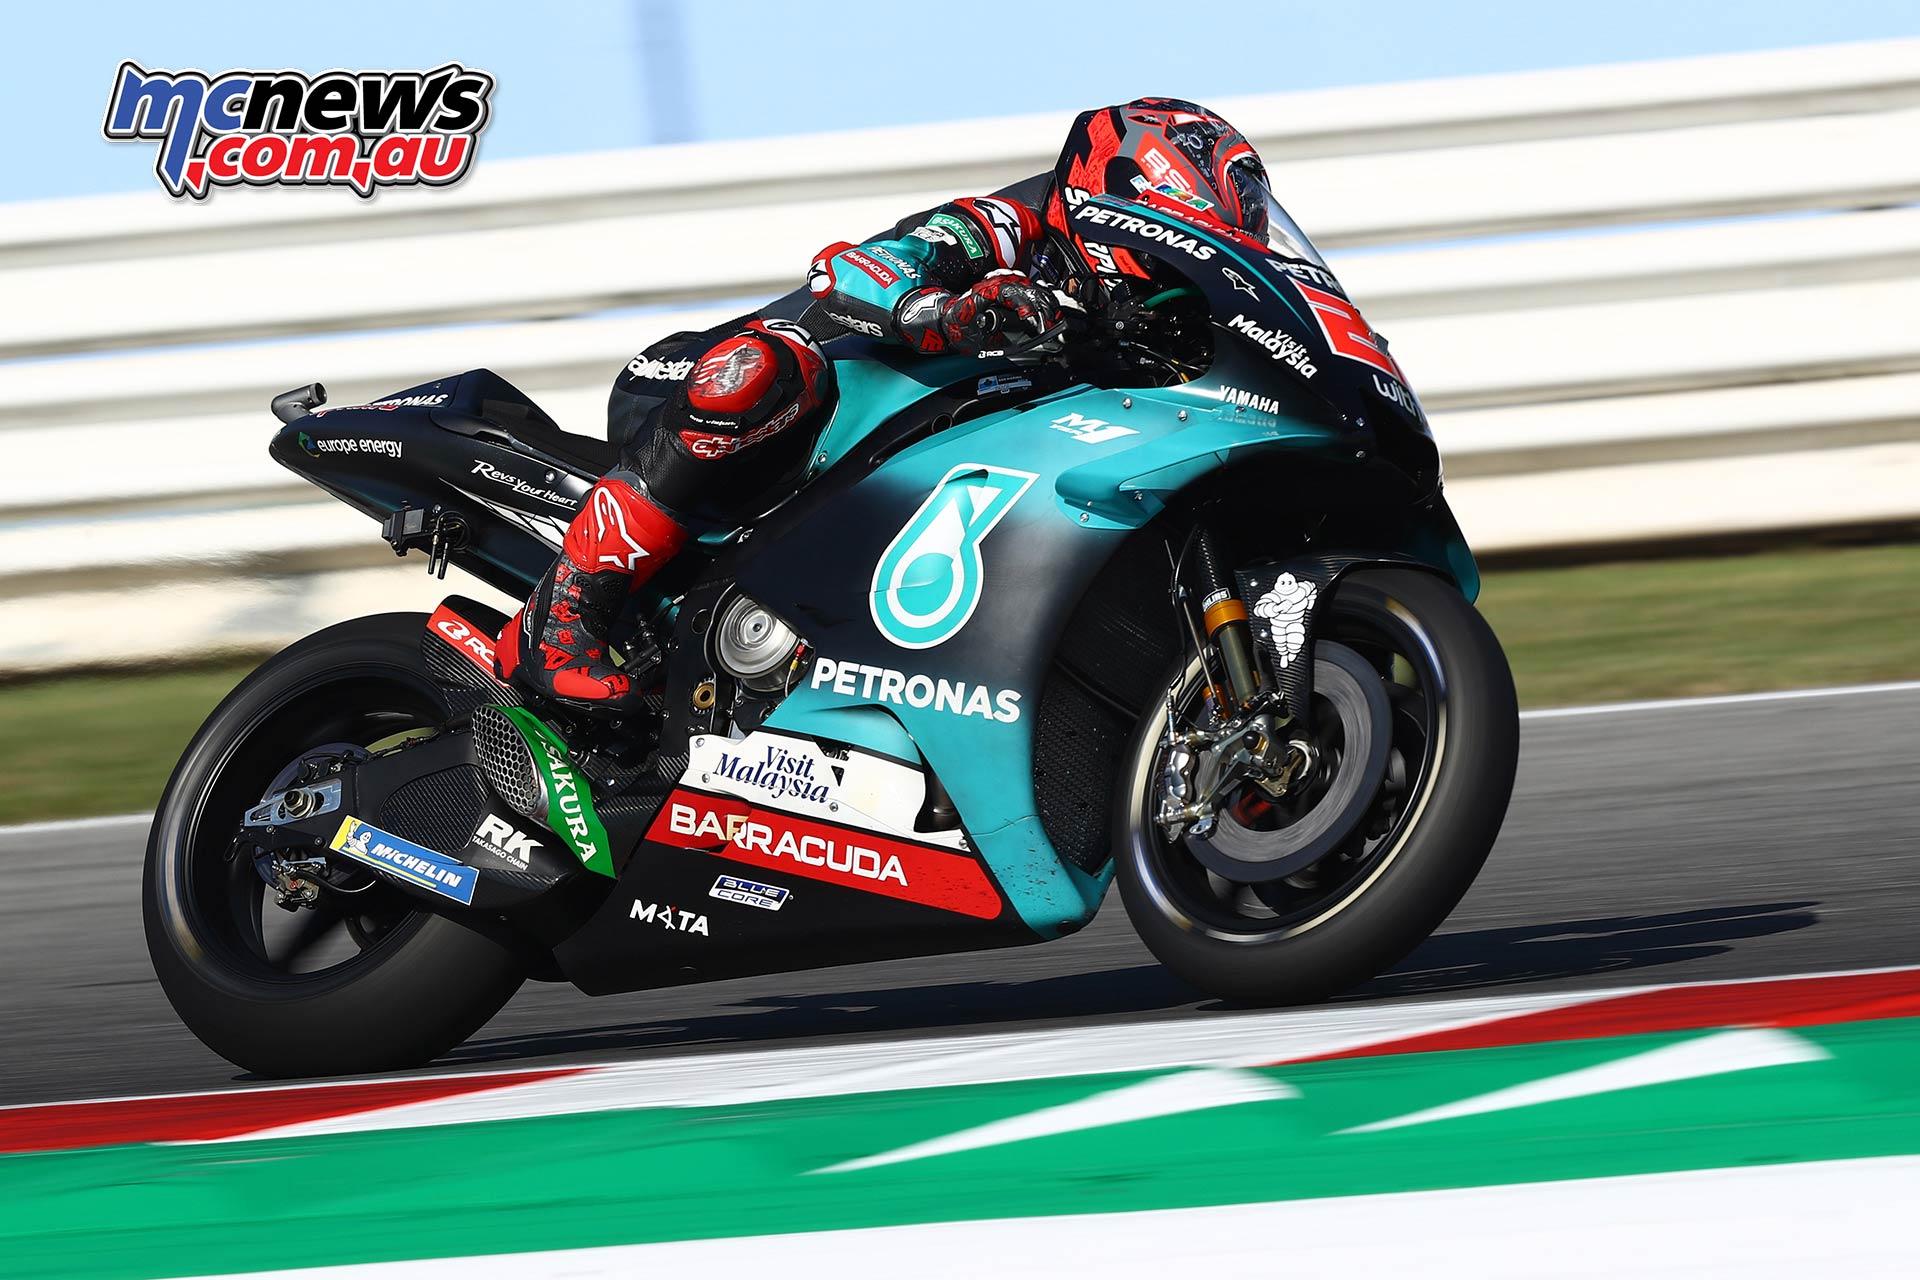 MotoGP Rnd Misano QP Fabio Quartararo